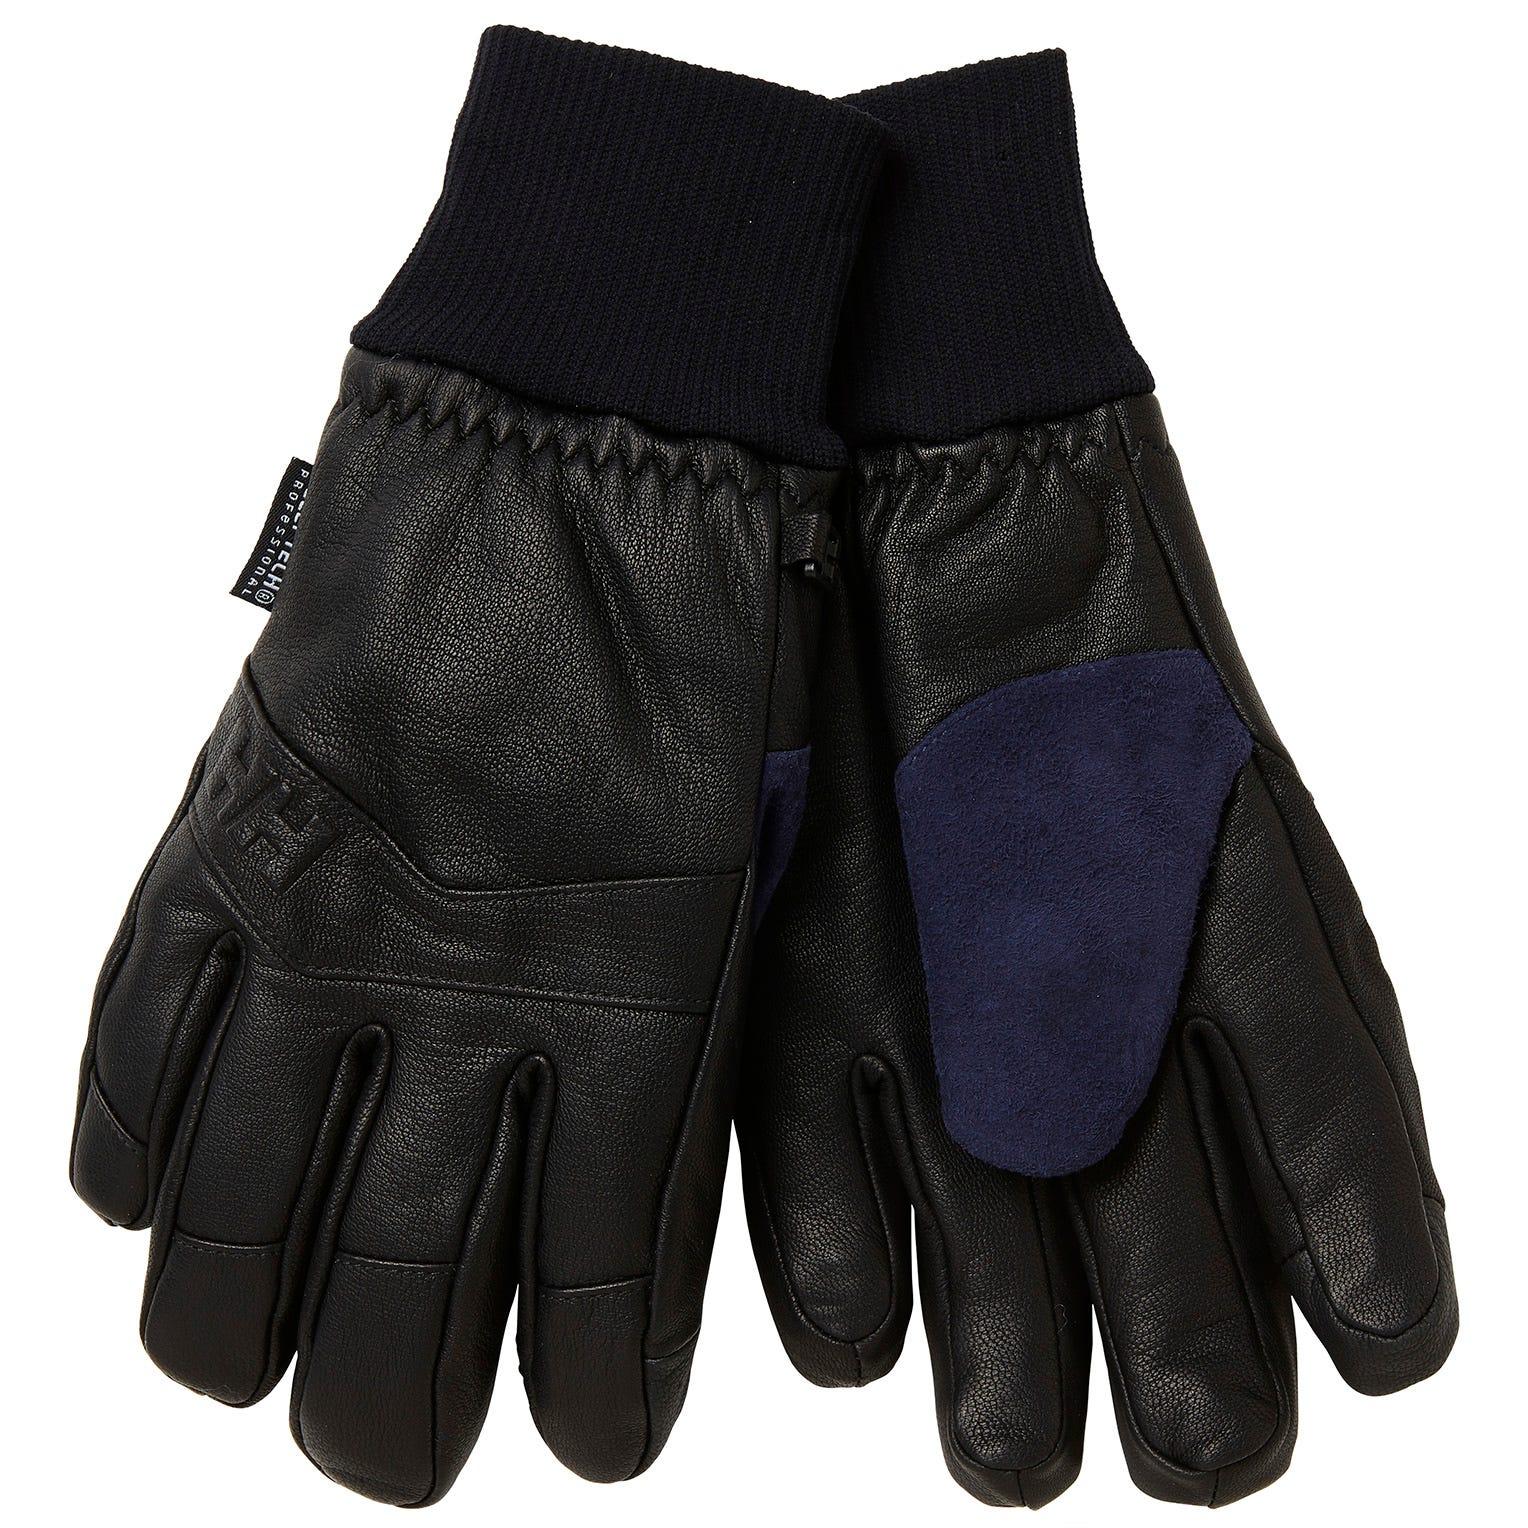 Helly Hansen Traverse Ht Glove Mens Black XXL